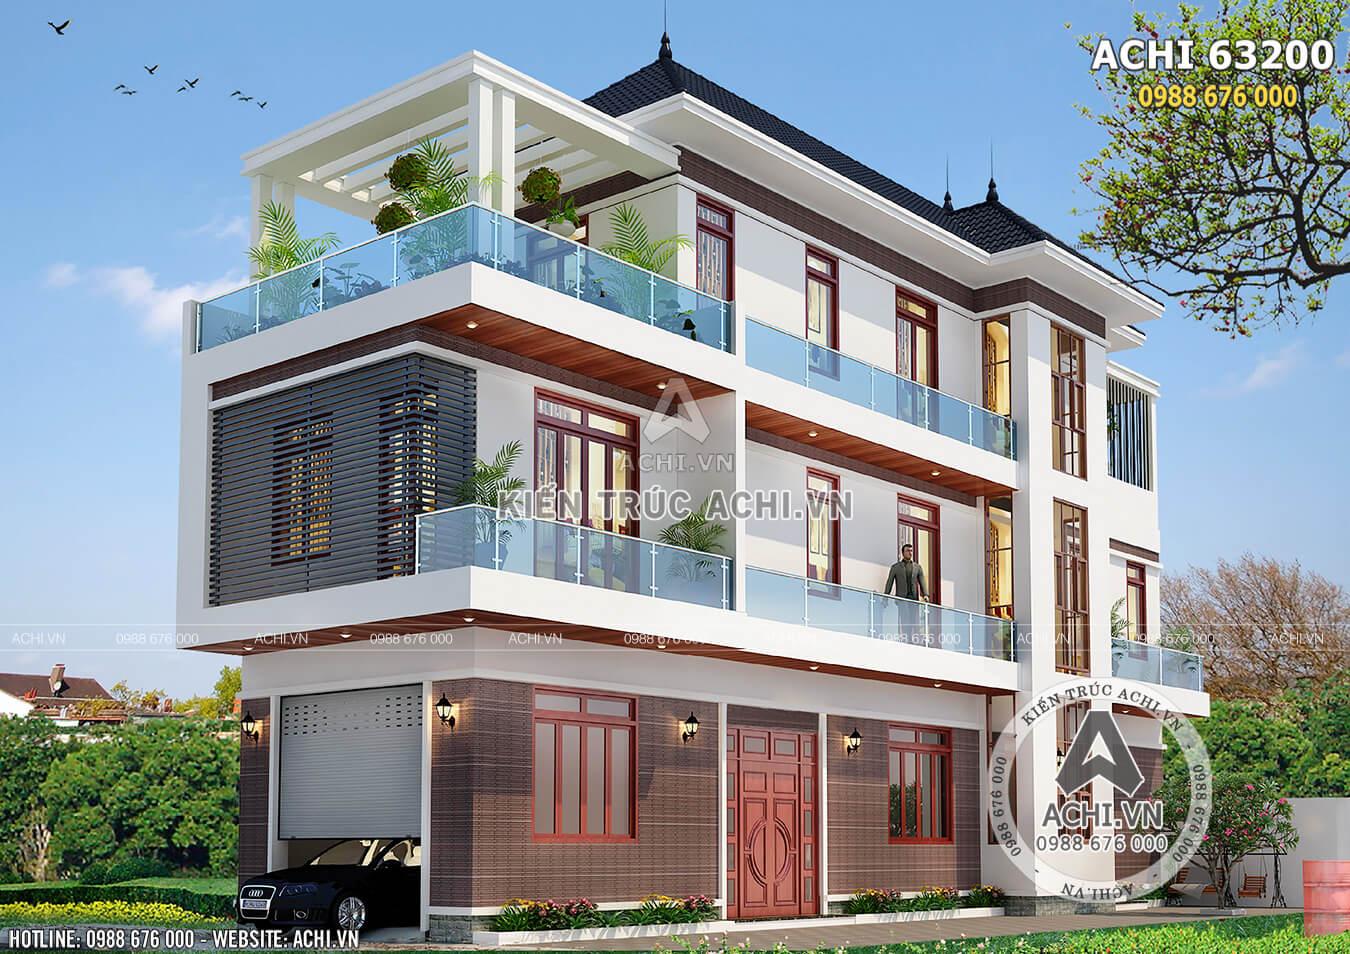 Hình ảnh: Không gian ngoại thất của mẫu thiết kế biệt thự 3 tầng hiện đại– ACHI 63200